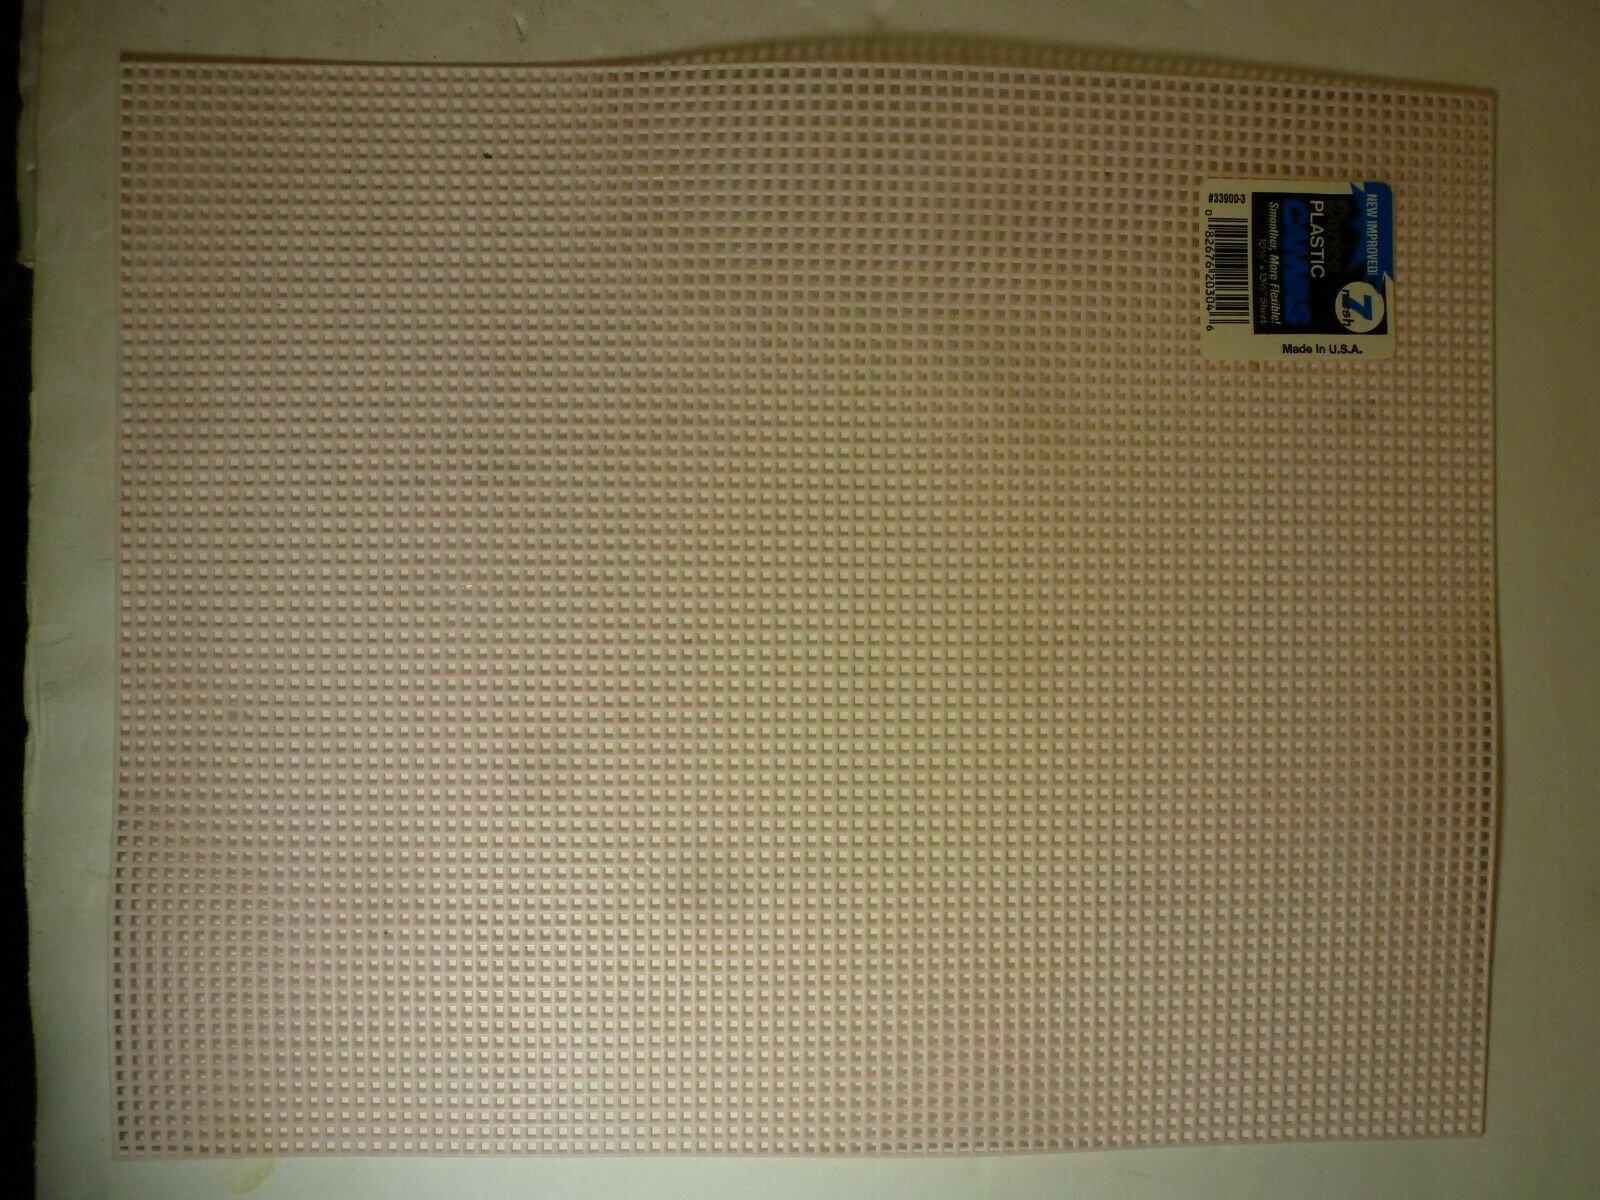 Plastic Canvas 7 mesh 10 1/2 x 13 1/2 White